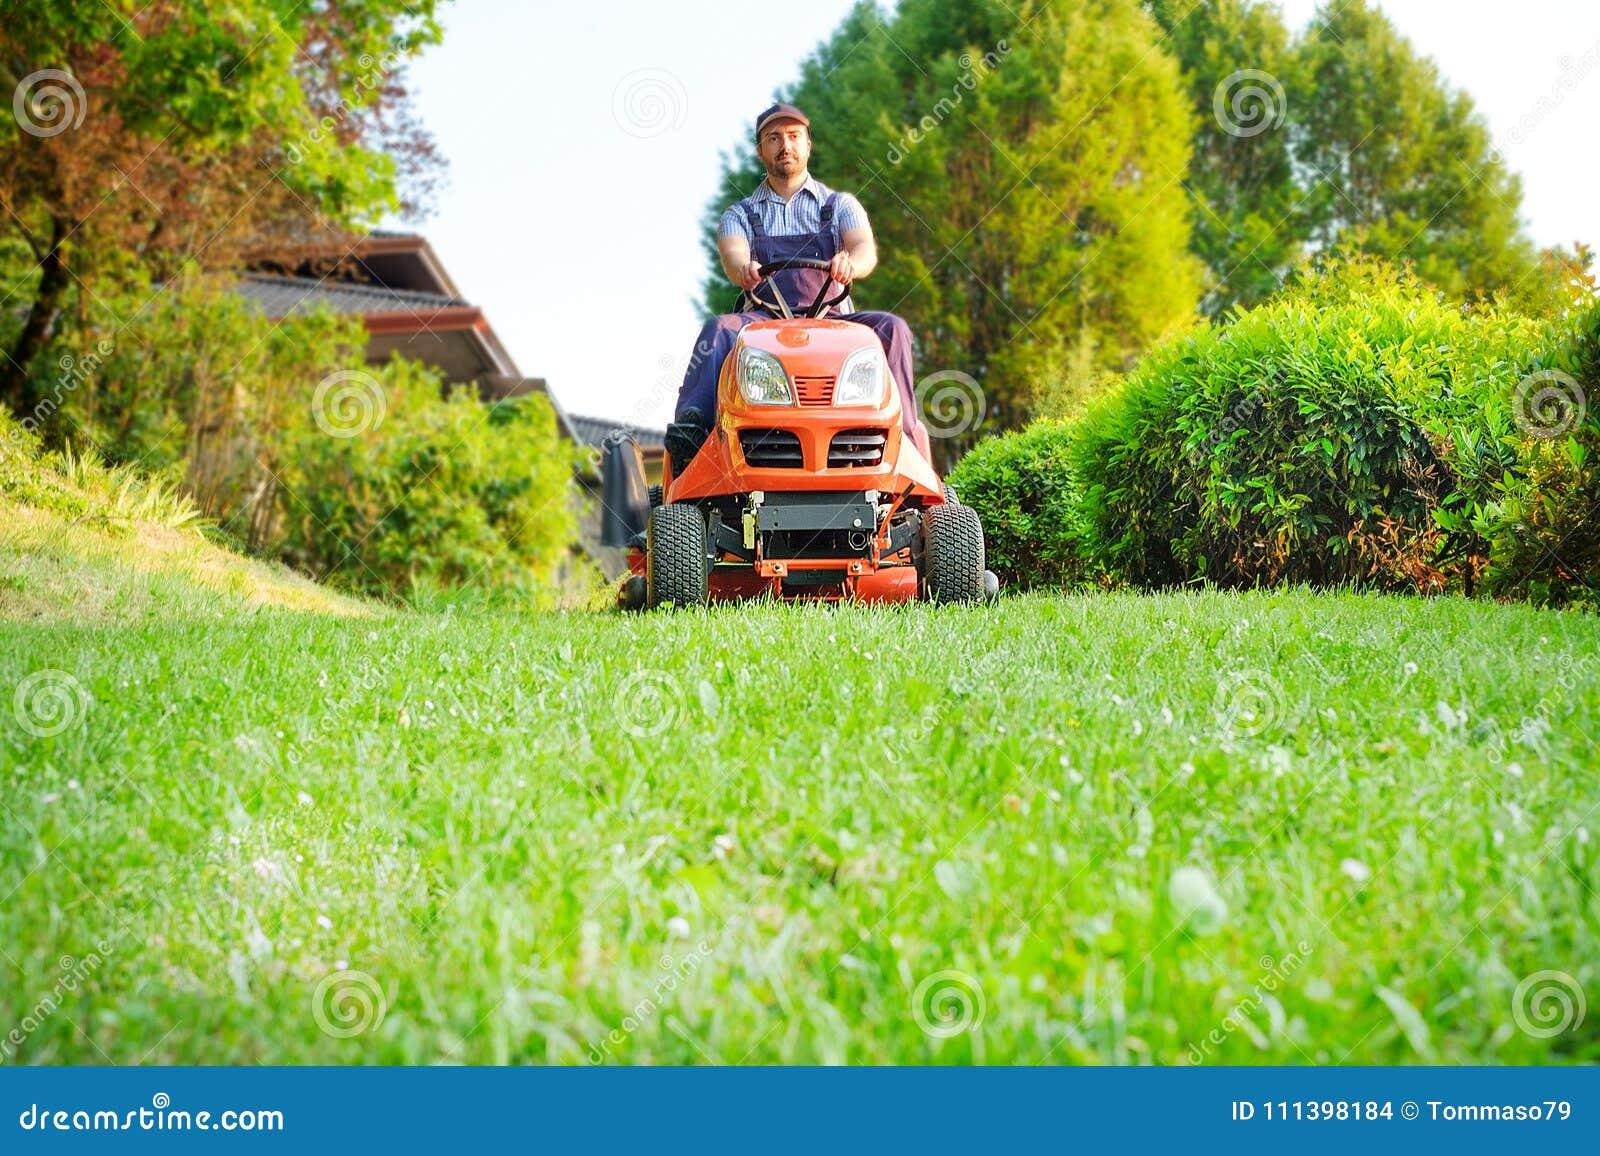 Jardinier conduisant une tondeuse à gazon d équitation dans le jardin